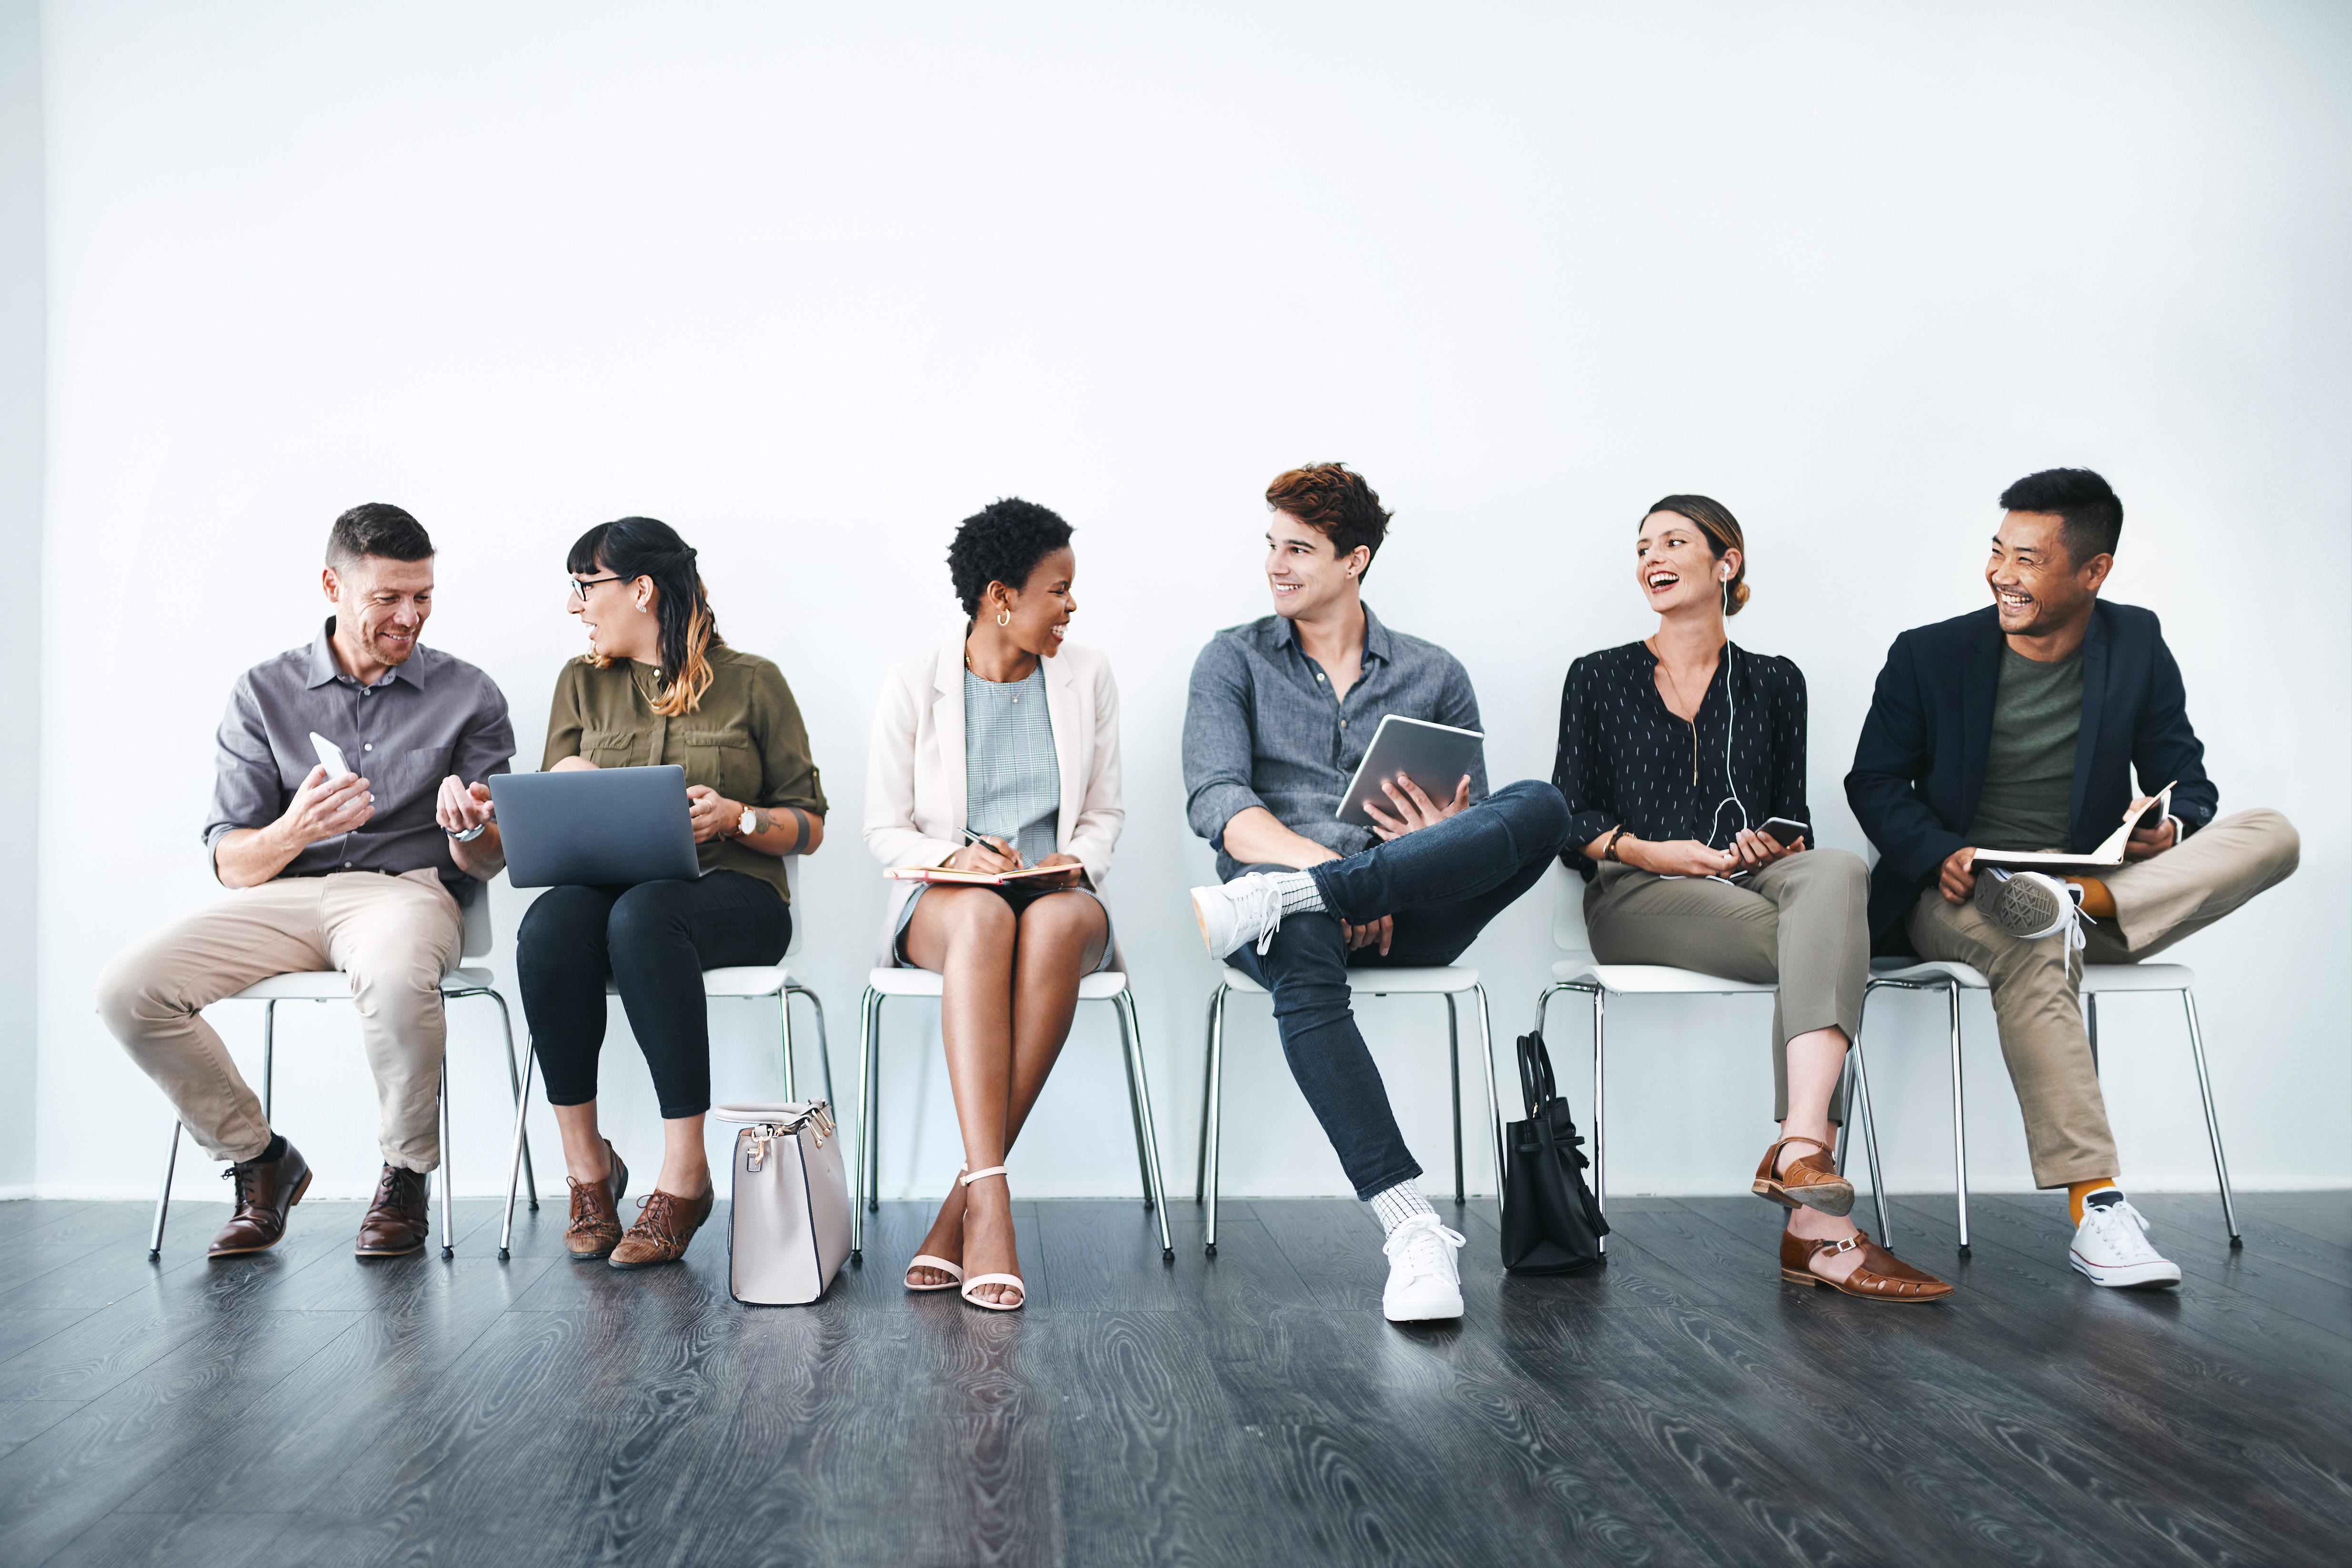 5 rekrutteringstips i et hett jobbmarked